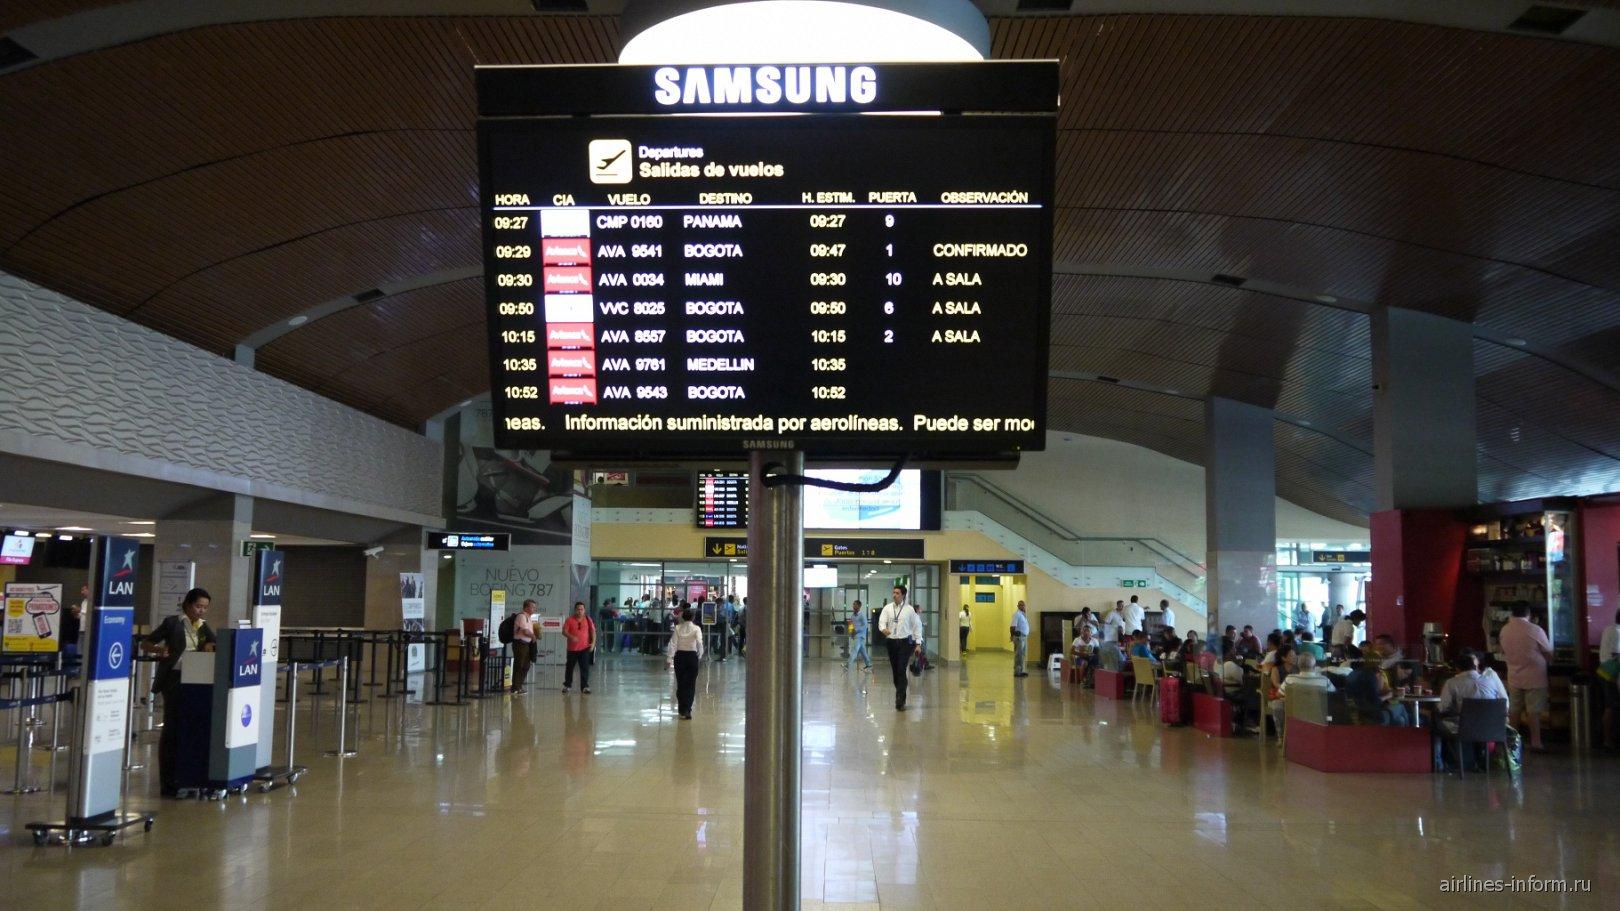 В аэровокзале аэропорта Картахена Рафаэль Нуньес